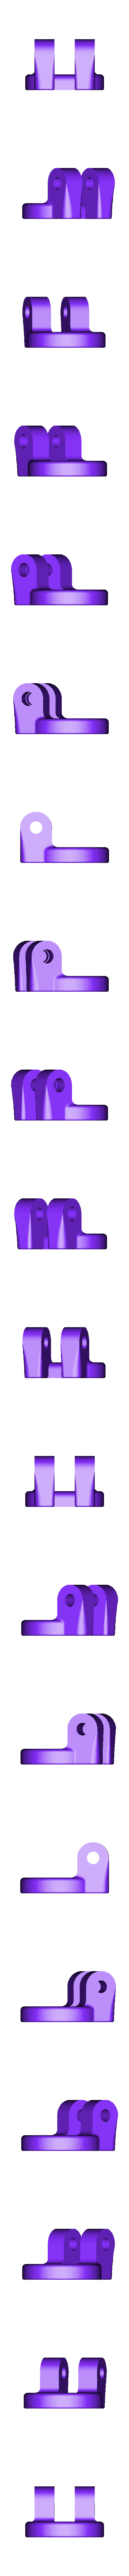 Support_Light.STL Télécharger fichier STL gratuit Led Light pour imprimante 3D • Modèle pour impression 3D, perinski